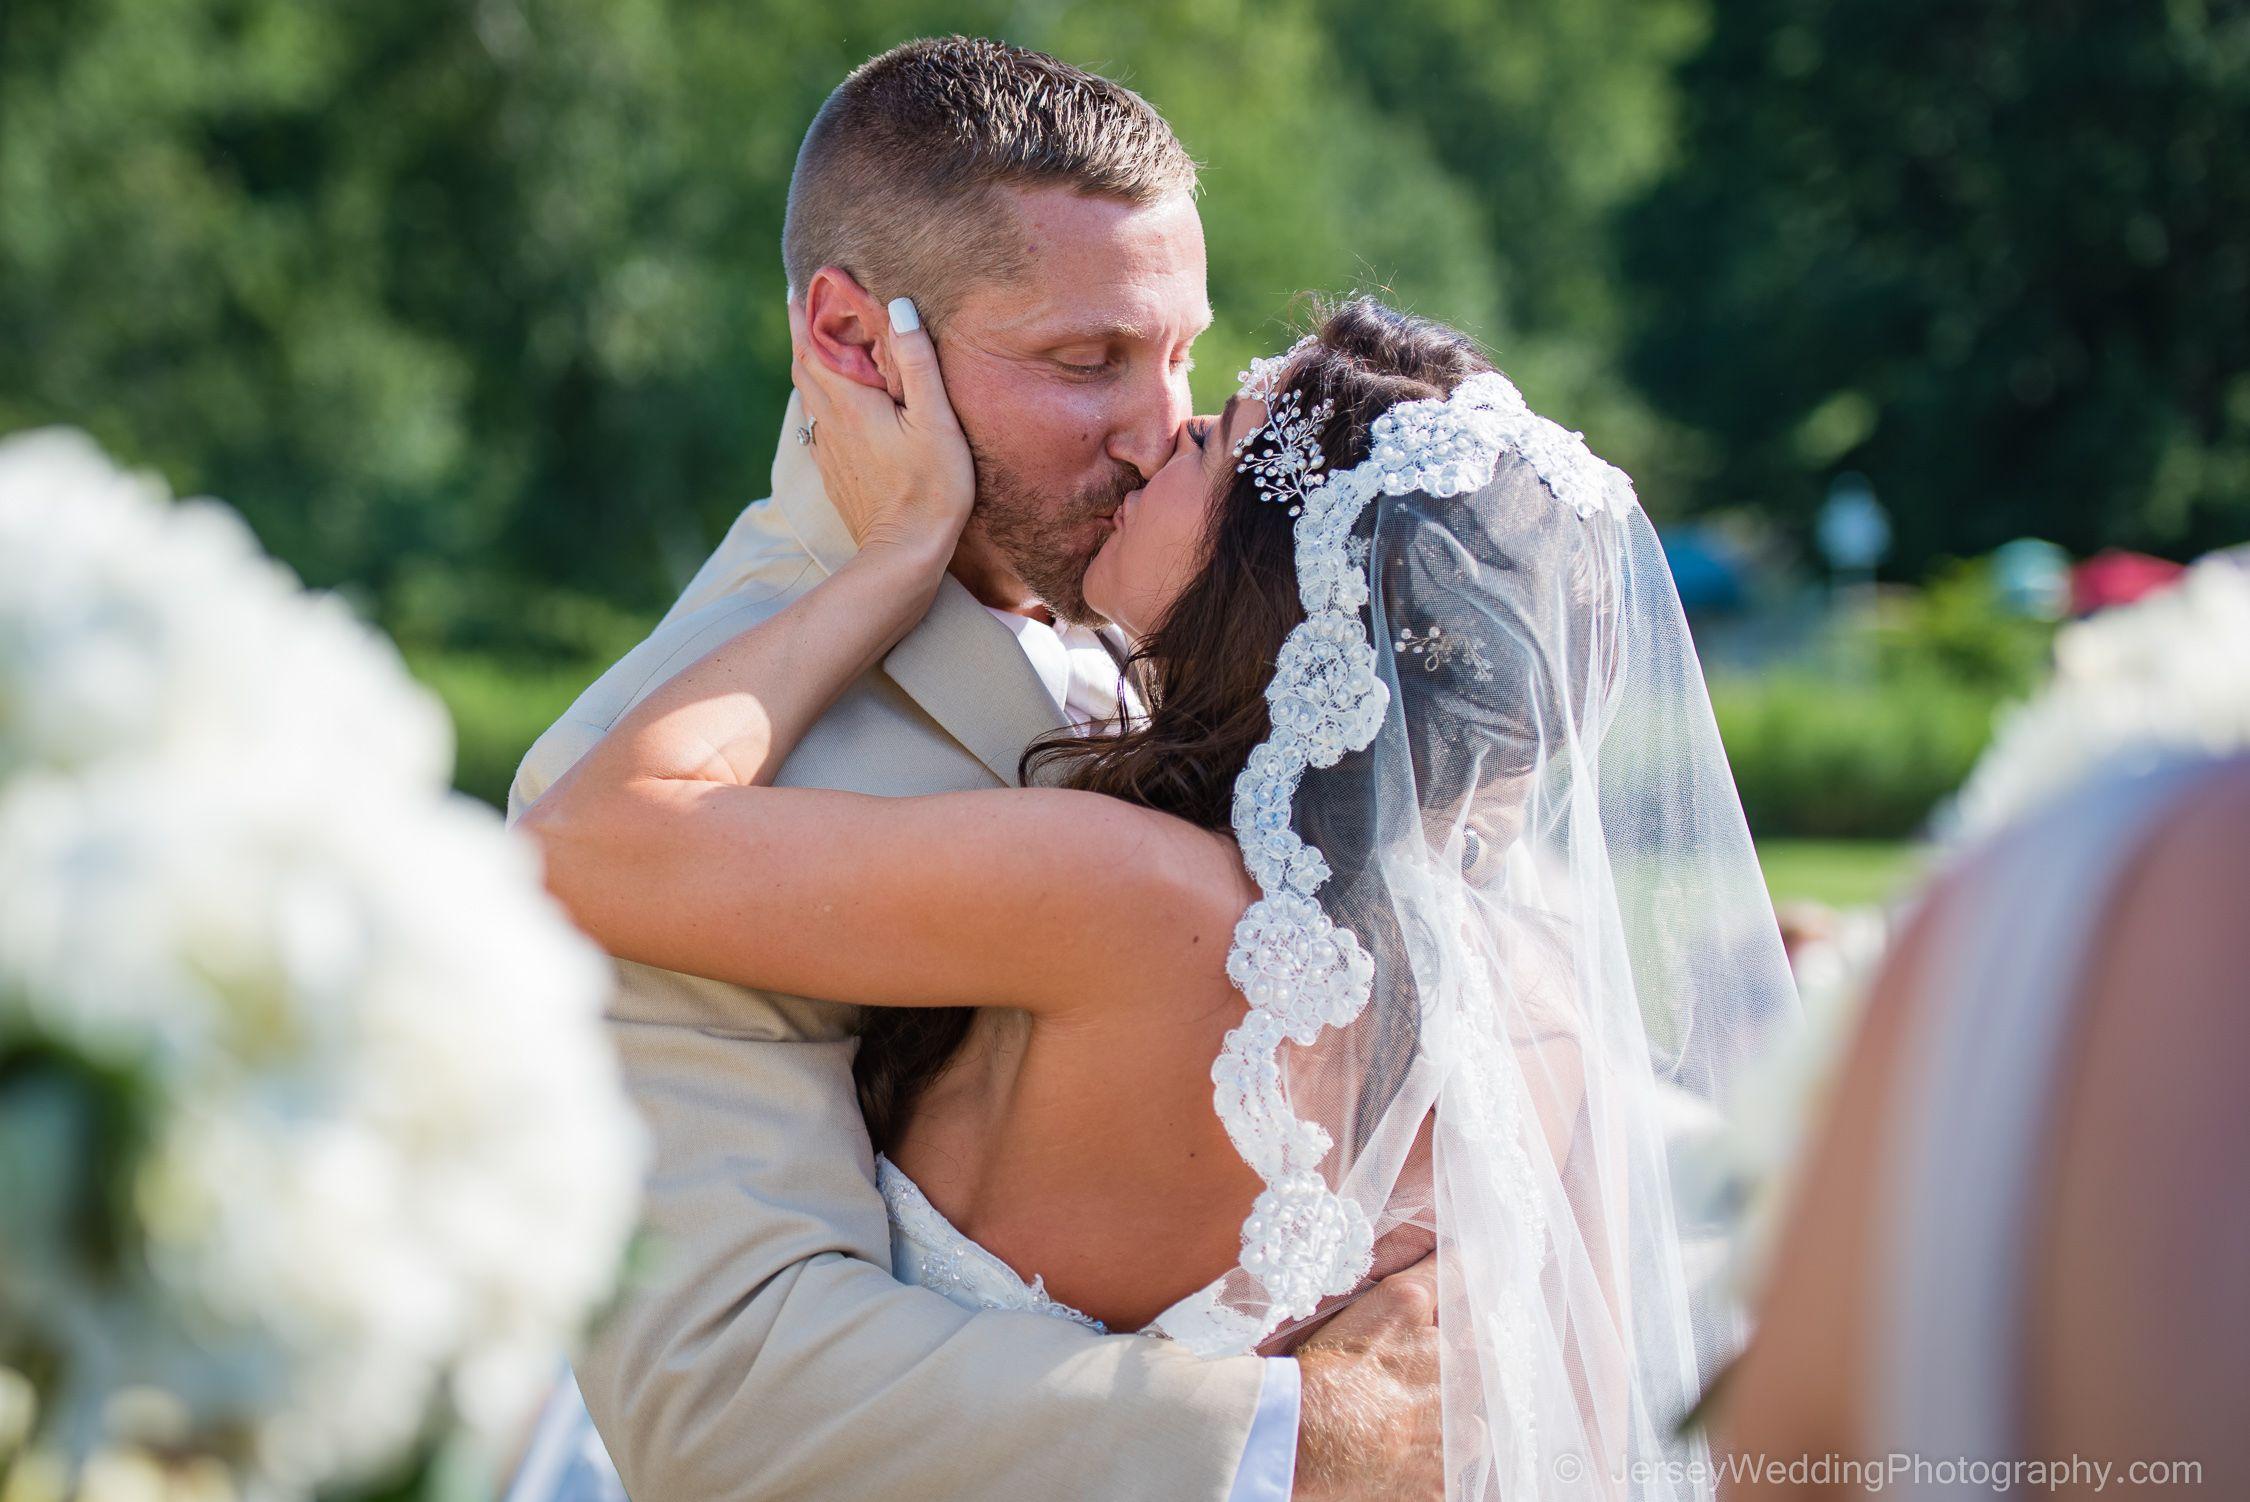 Country girls kiss their men hard! #peronafarms #